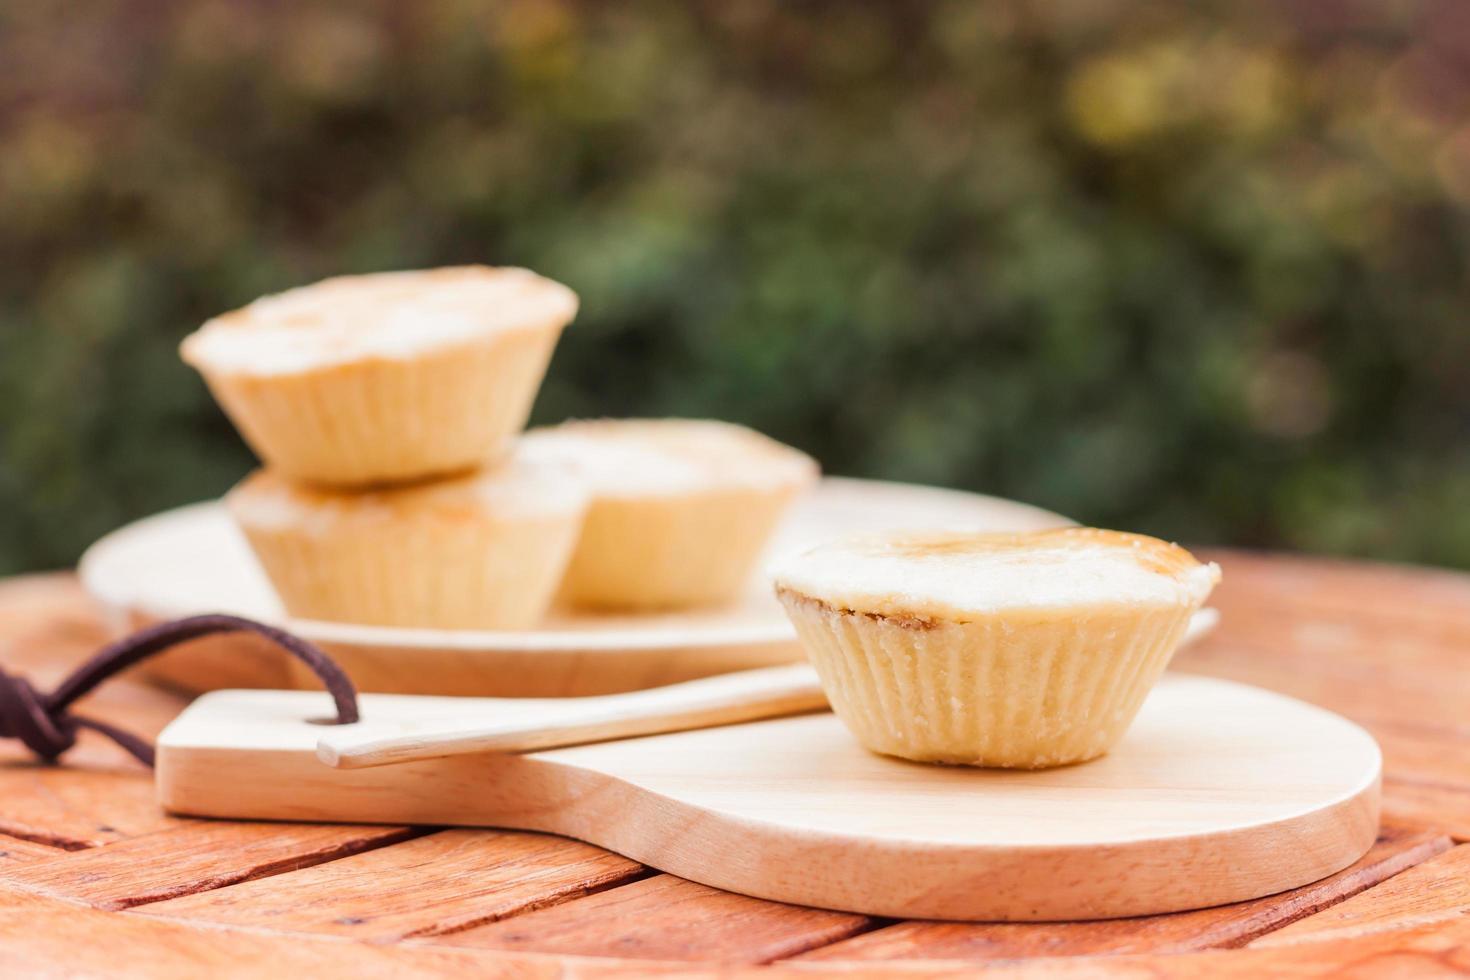 mini tartes sur une table à l'extérieur photo